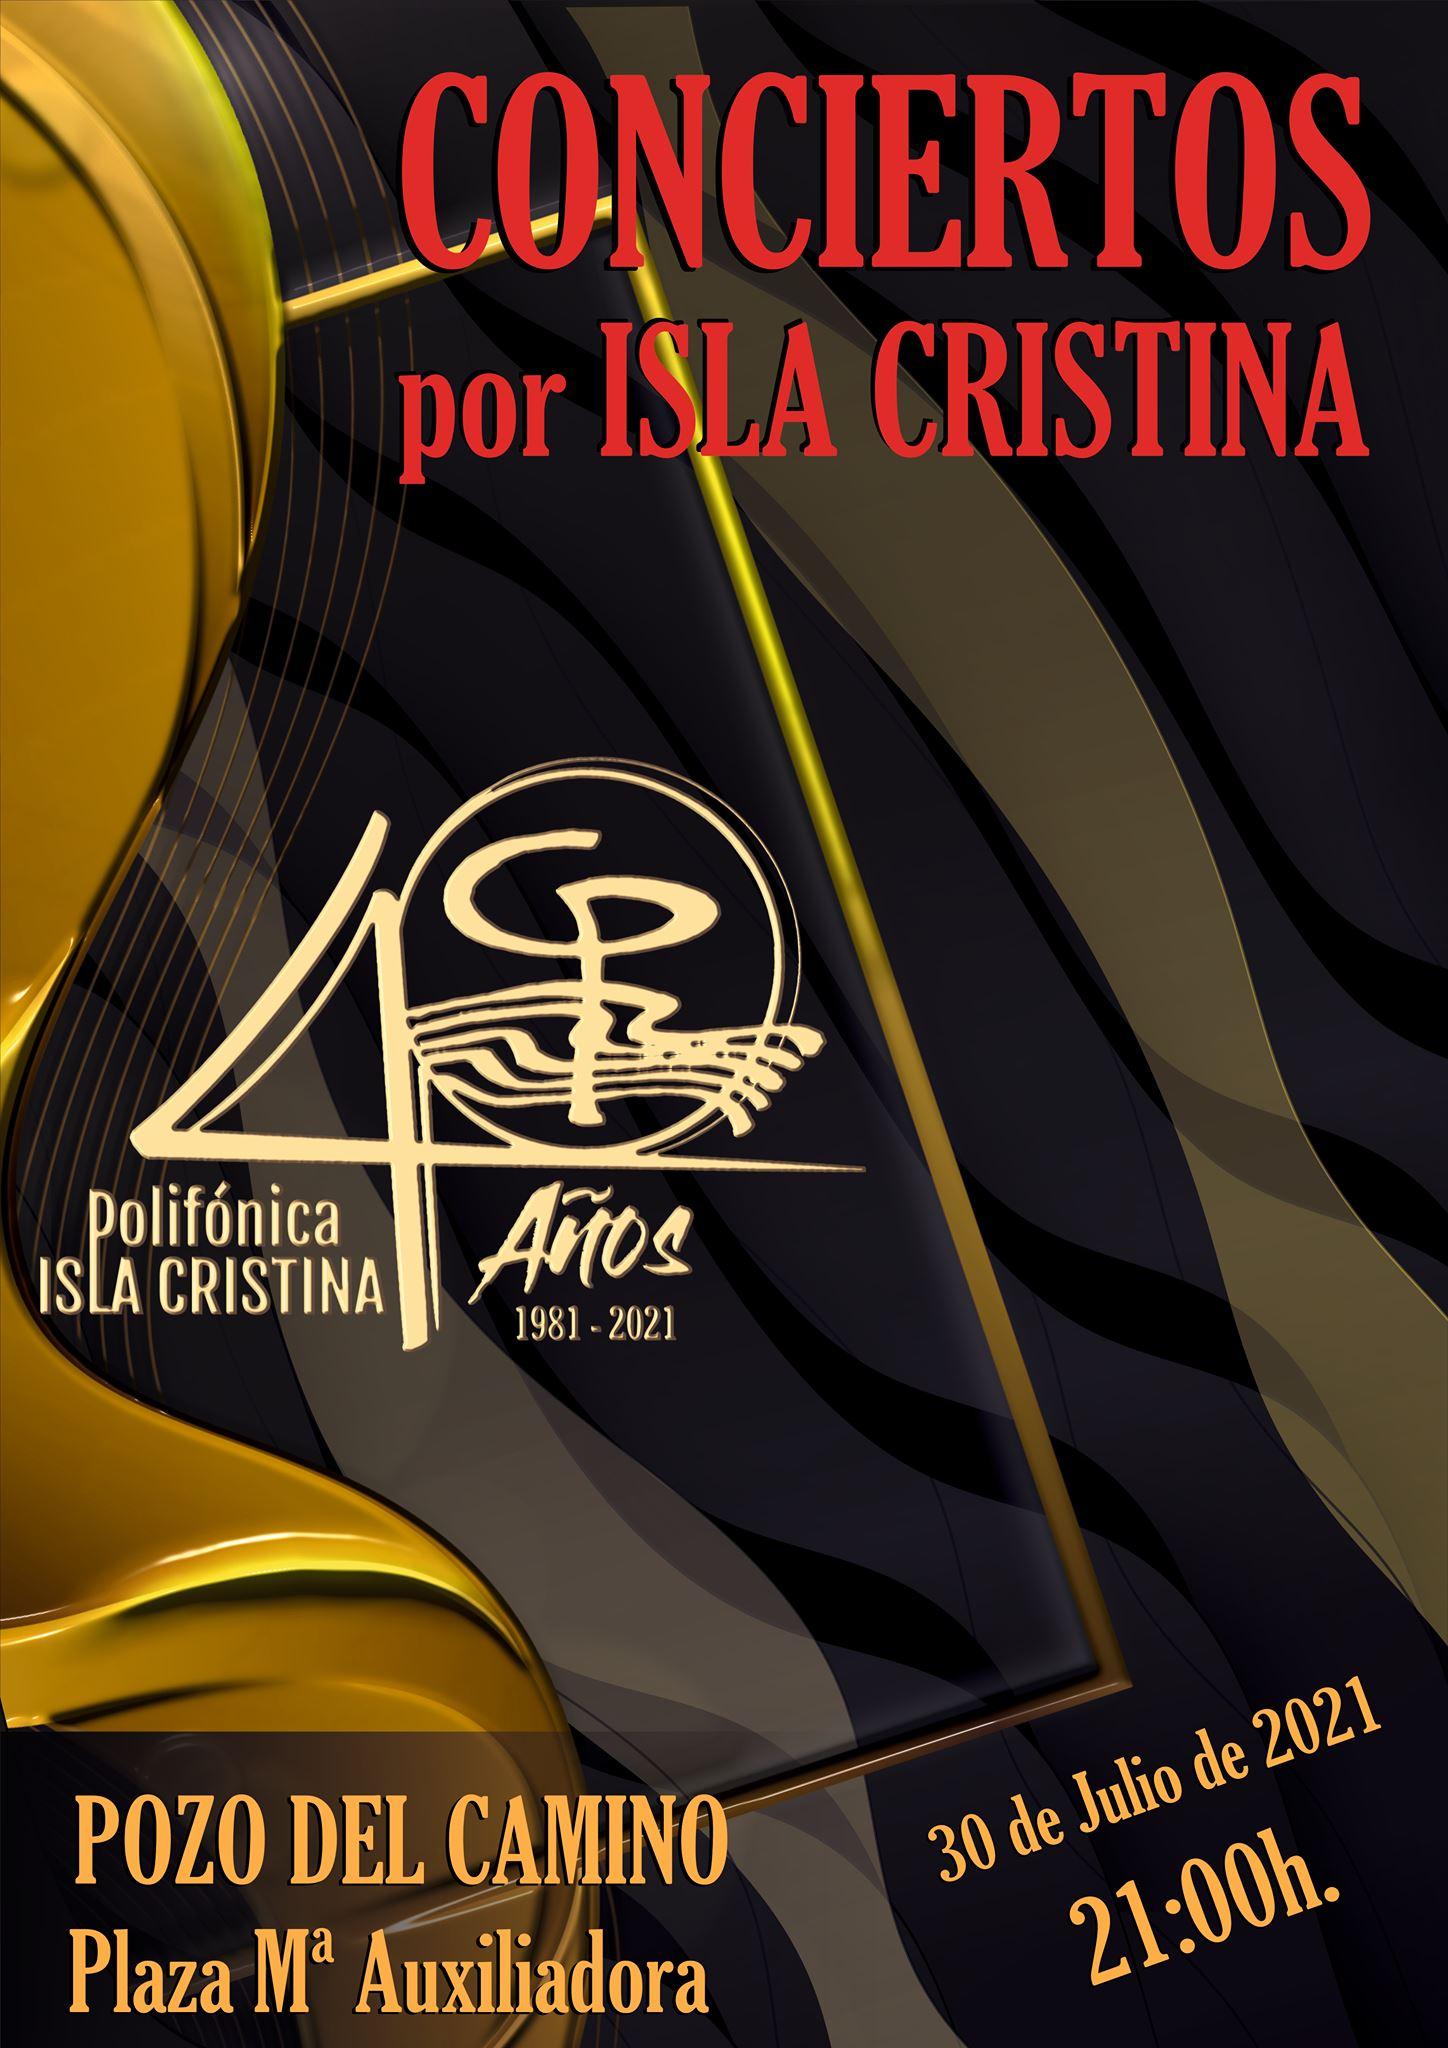 Pozo del Camino acoge este viernes «Conciertos por Isla Cristina»